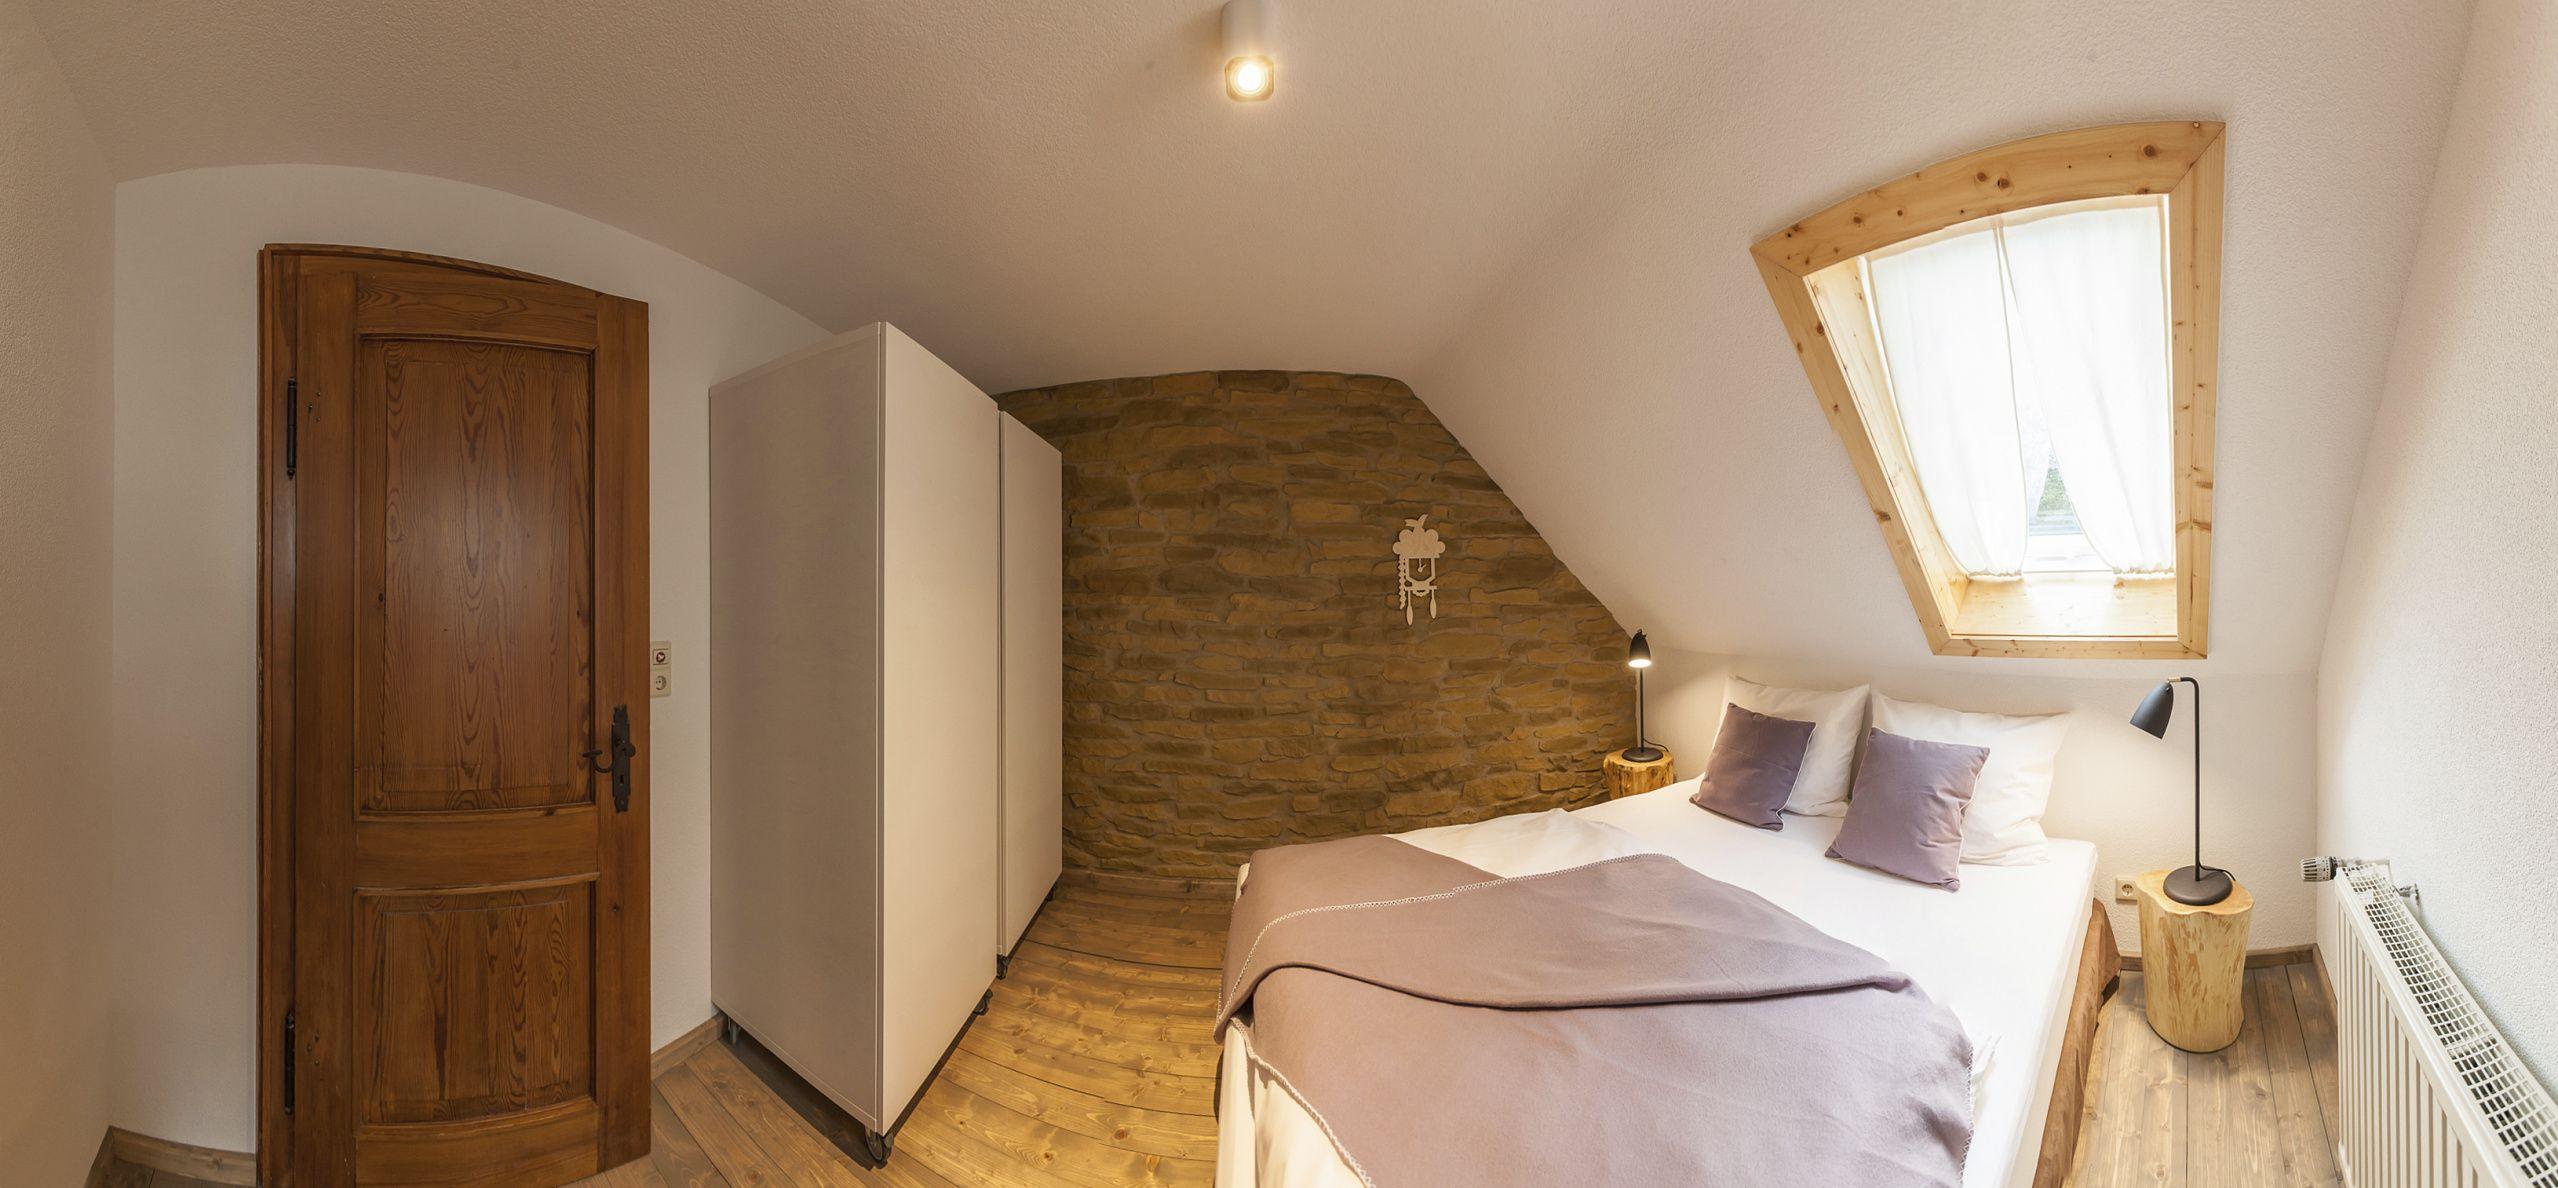 Viel Holz und Stein geben dem Schlafzimmer etwas Ruhe und